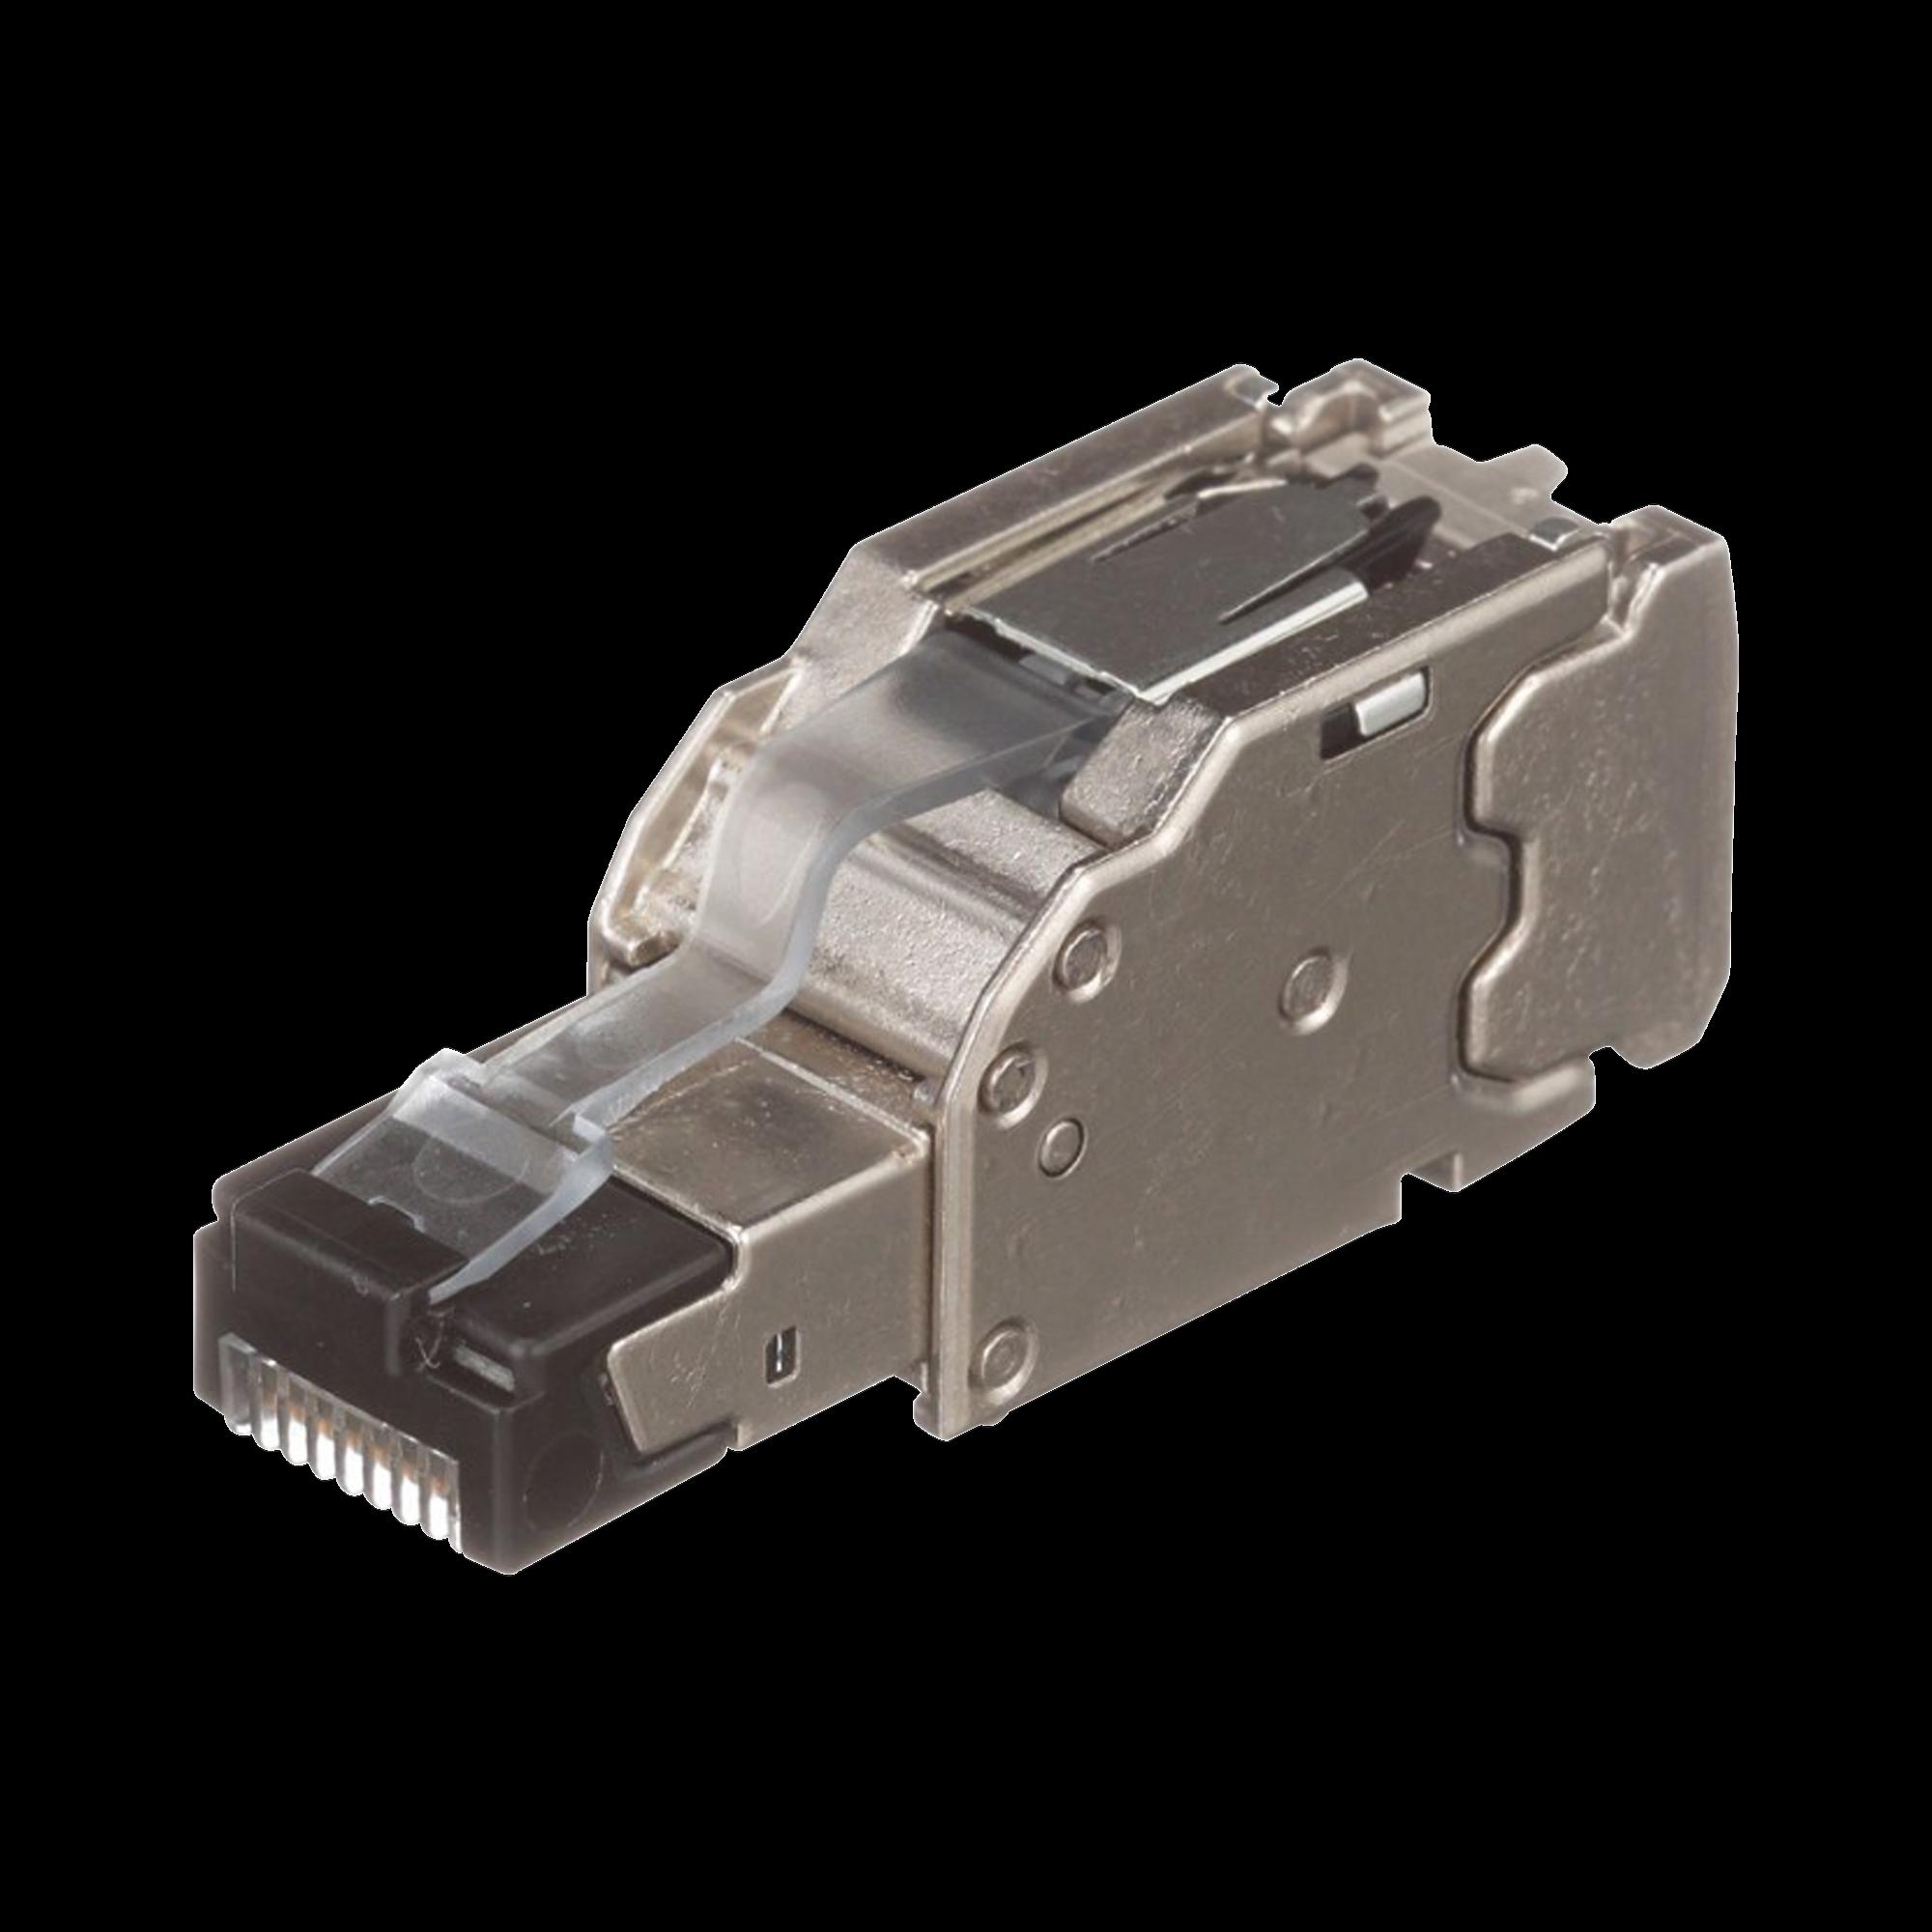 Plug RJ45 Blindado, Instalación Recta, Terminación en Campo Certificable, Compatible con Cat5e, Cat6 y Cat6A, Color Plata